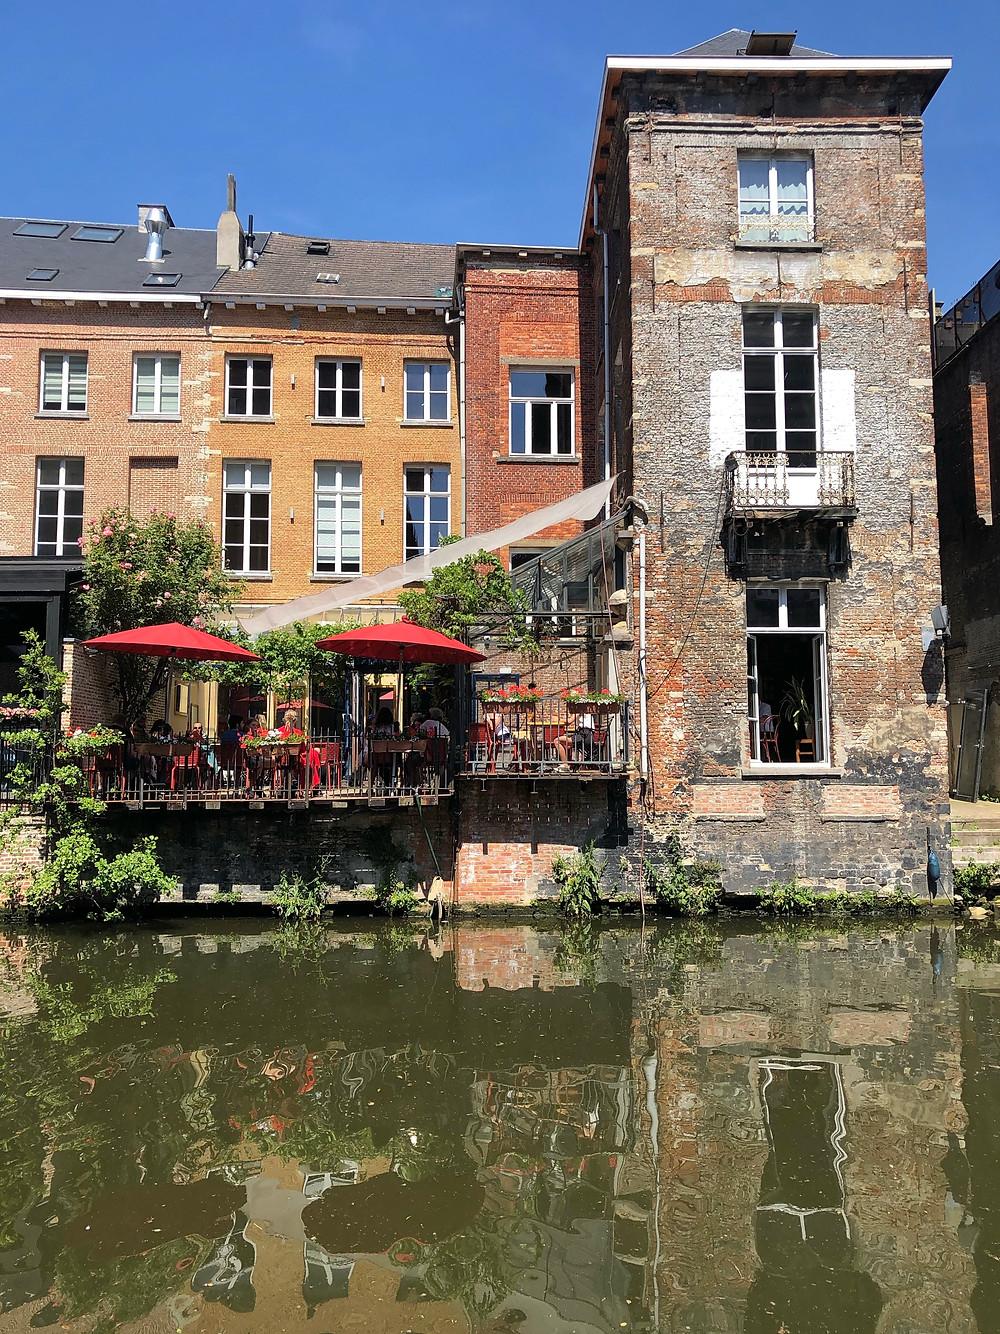 Terrace at Dijle in Mechelen